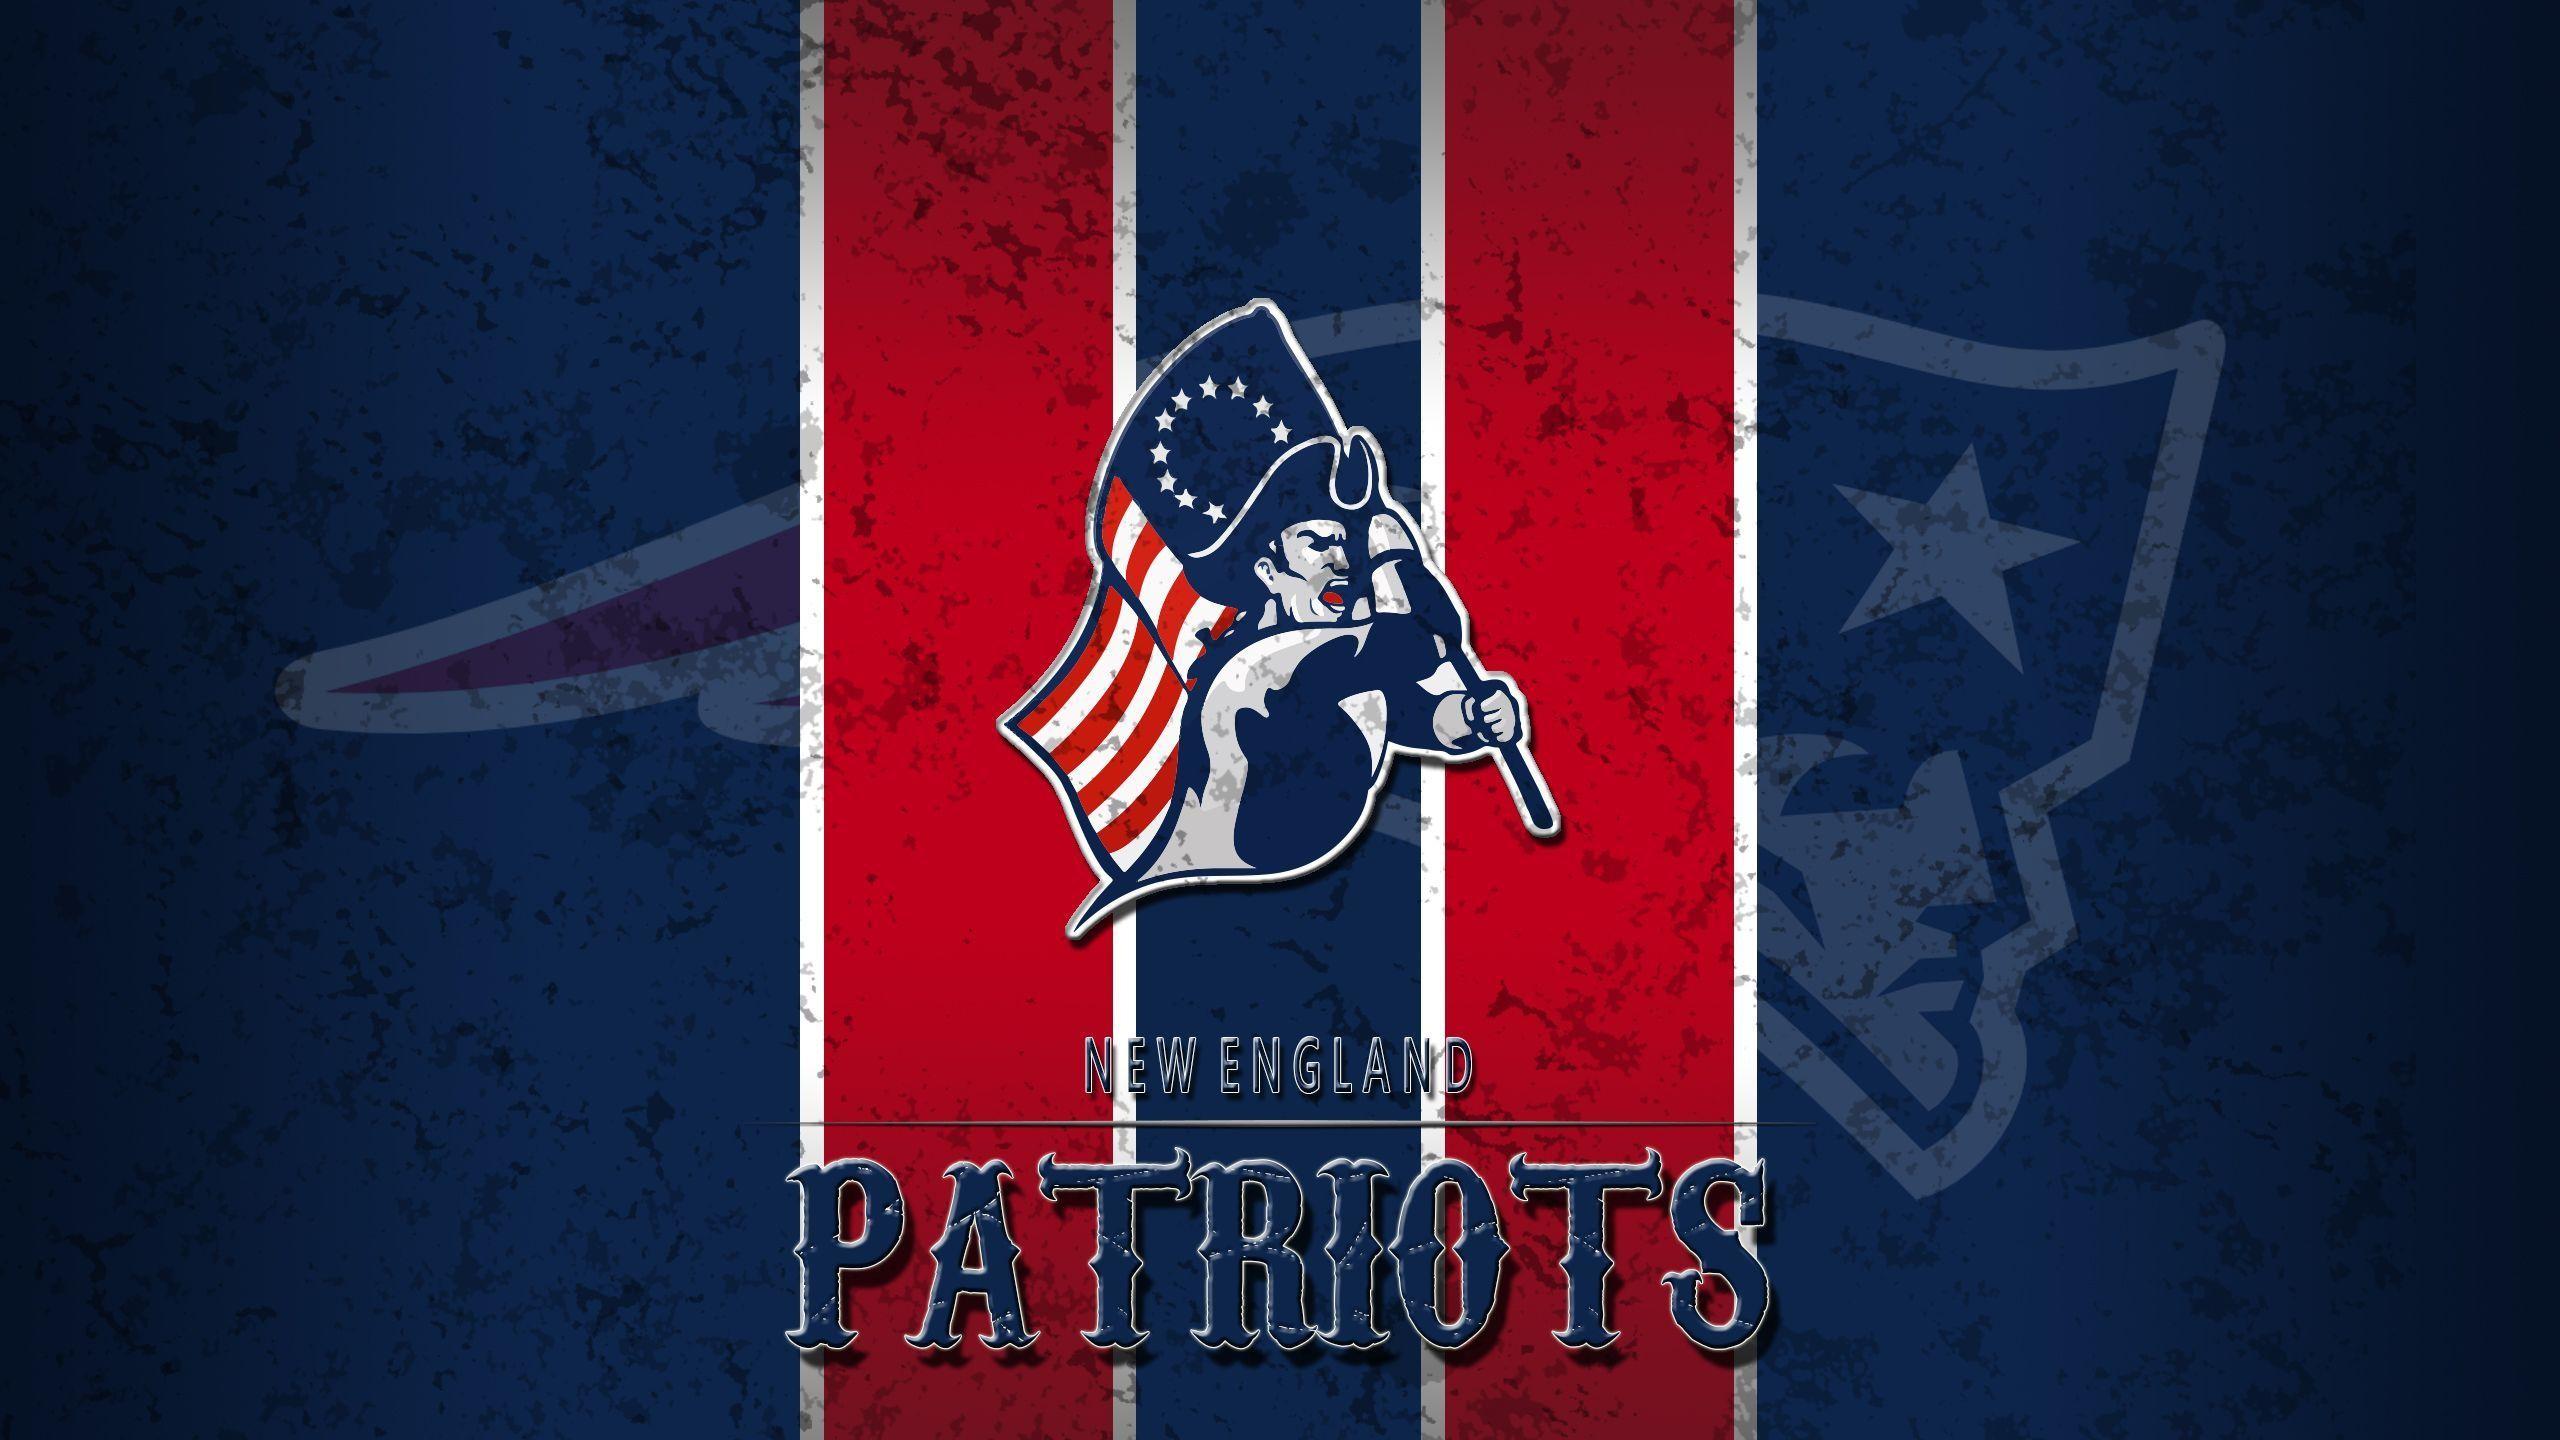 NFL Team Logo New England Patriots wallpaper HD 2016 in Football .